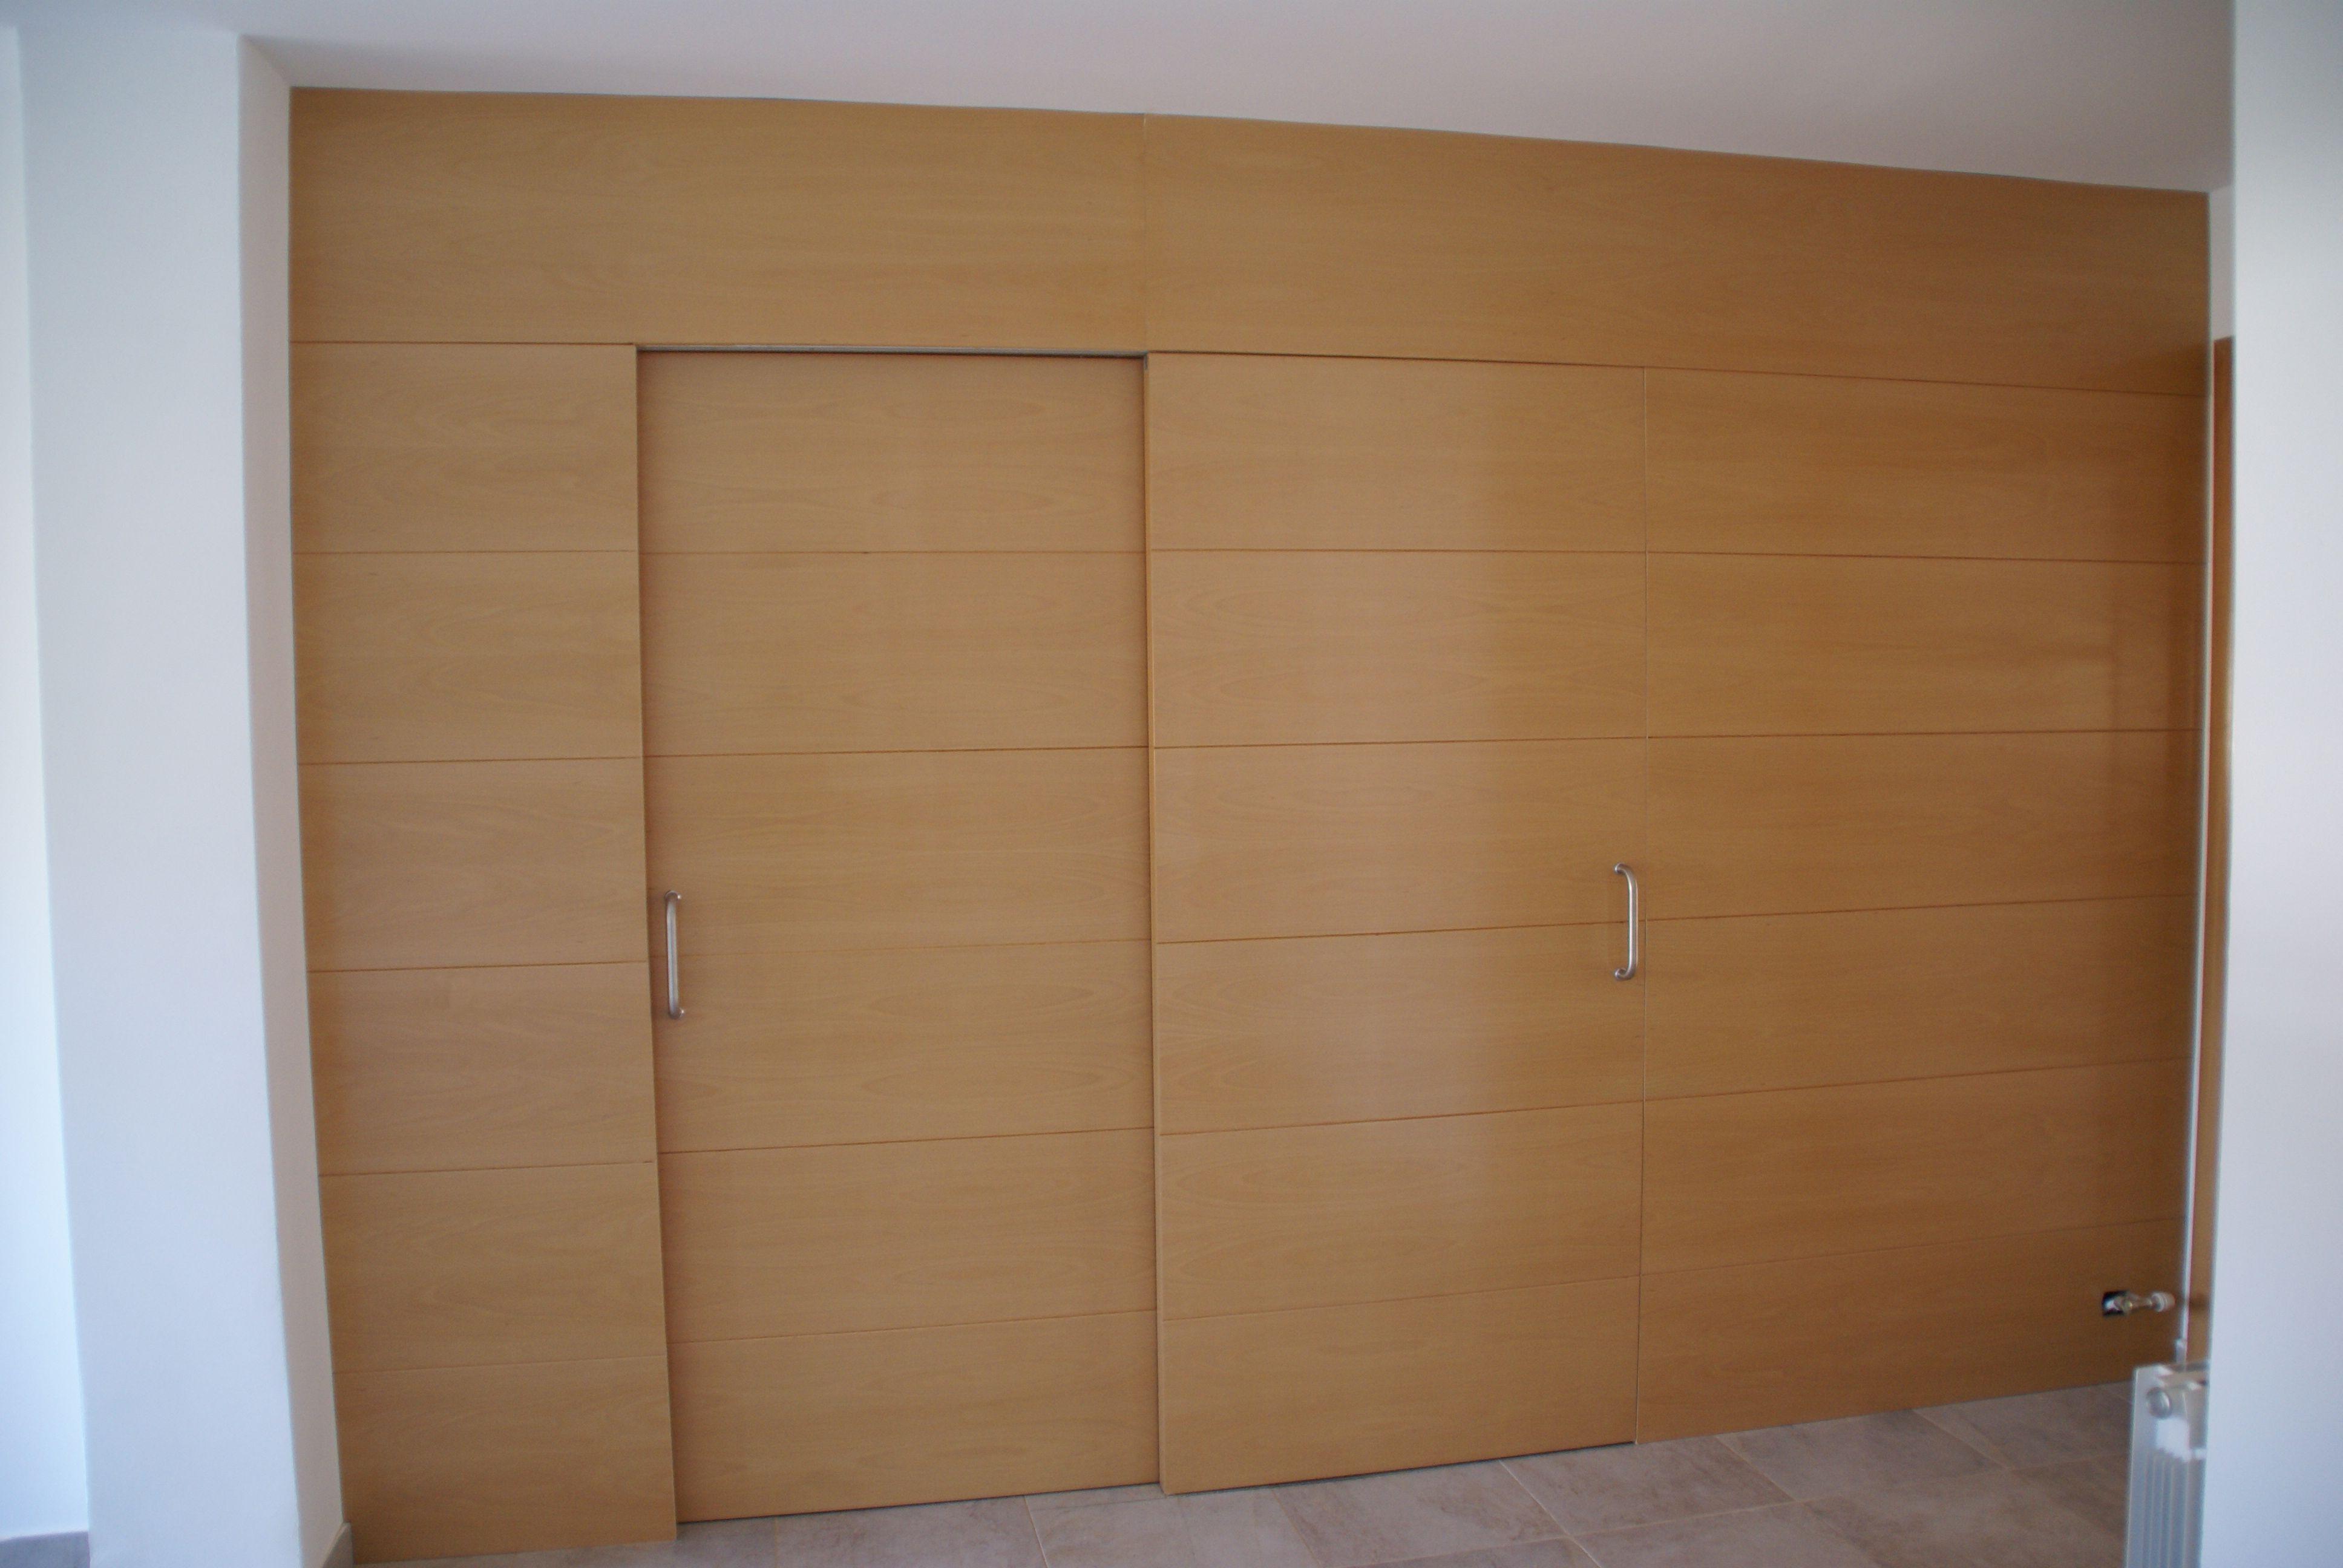 Corredera de doble hoja con panelado de pared a juego puertas de dise o pinterest - Panelado de paredes ...